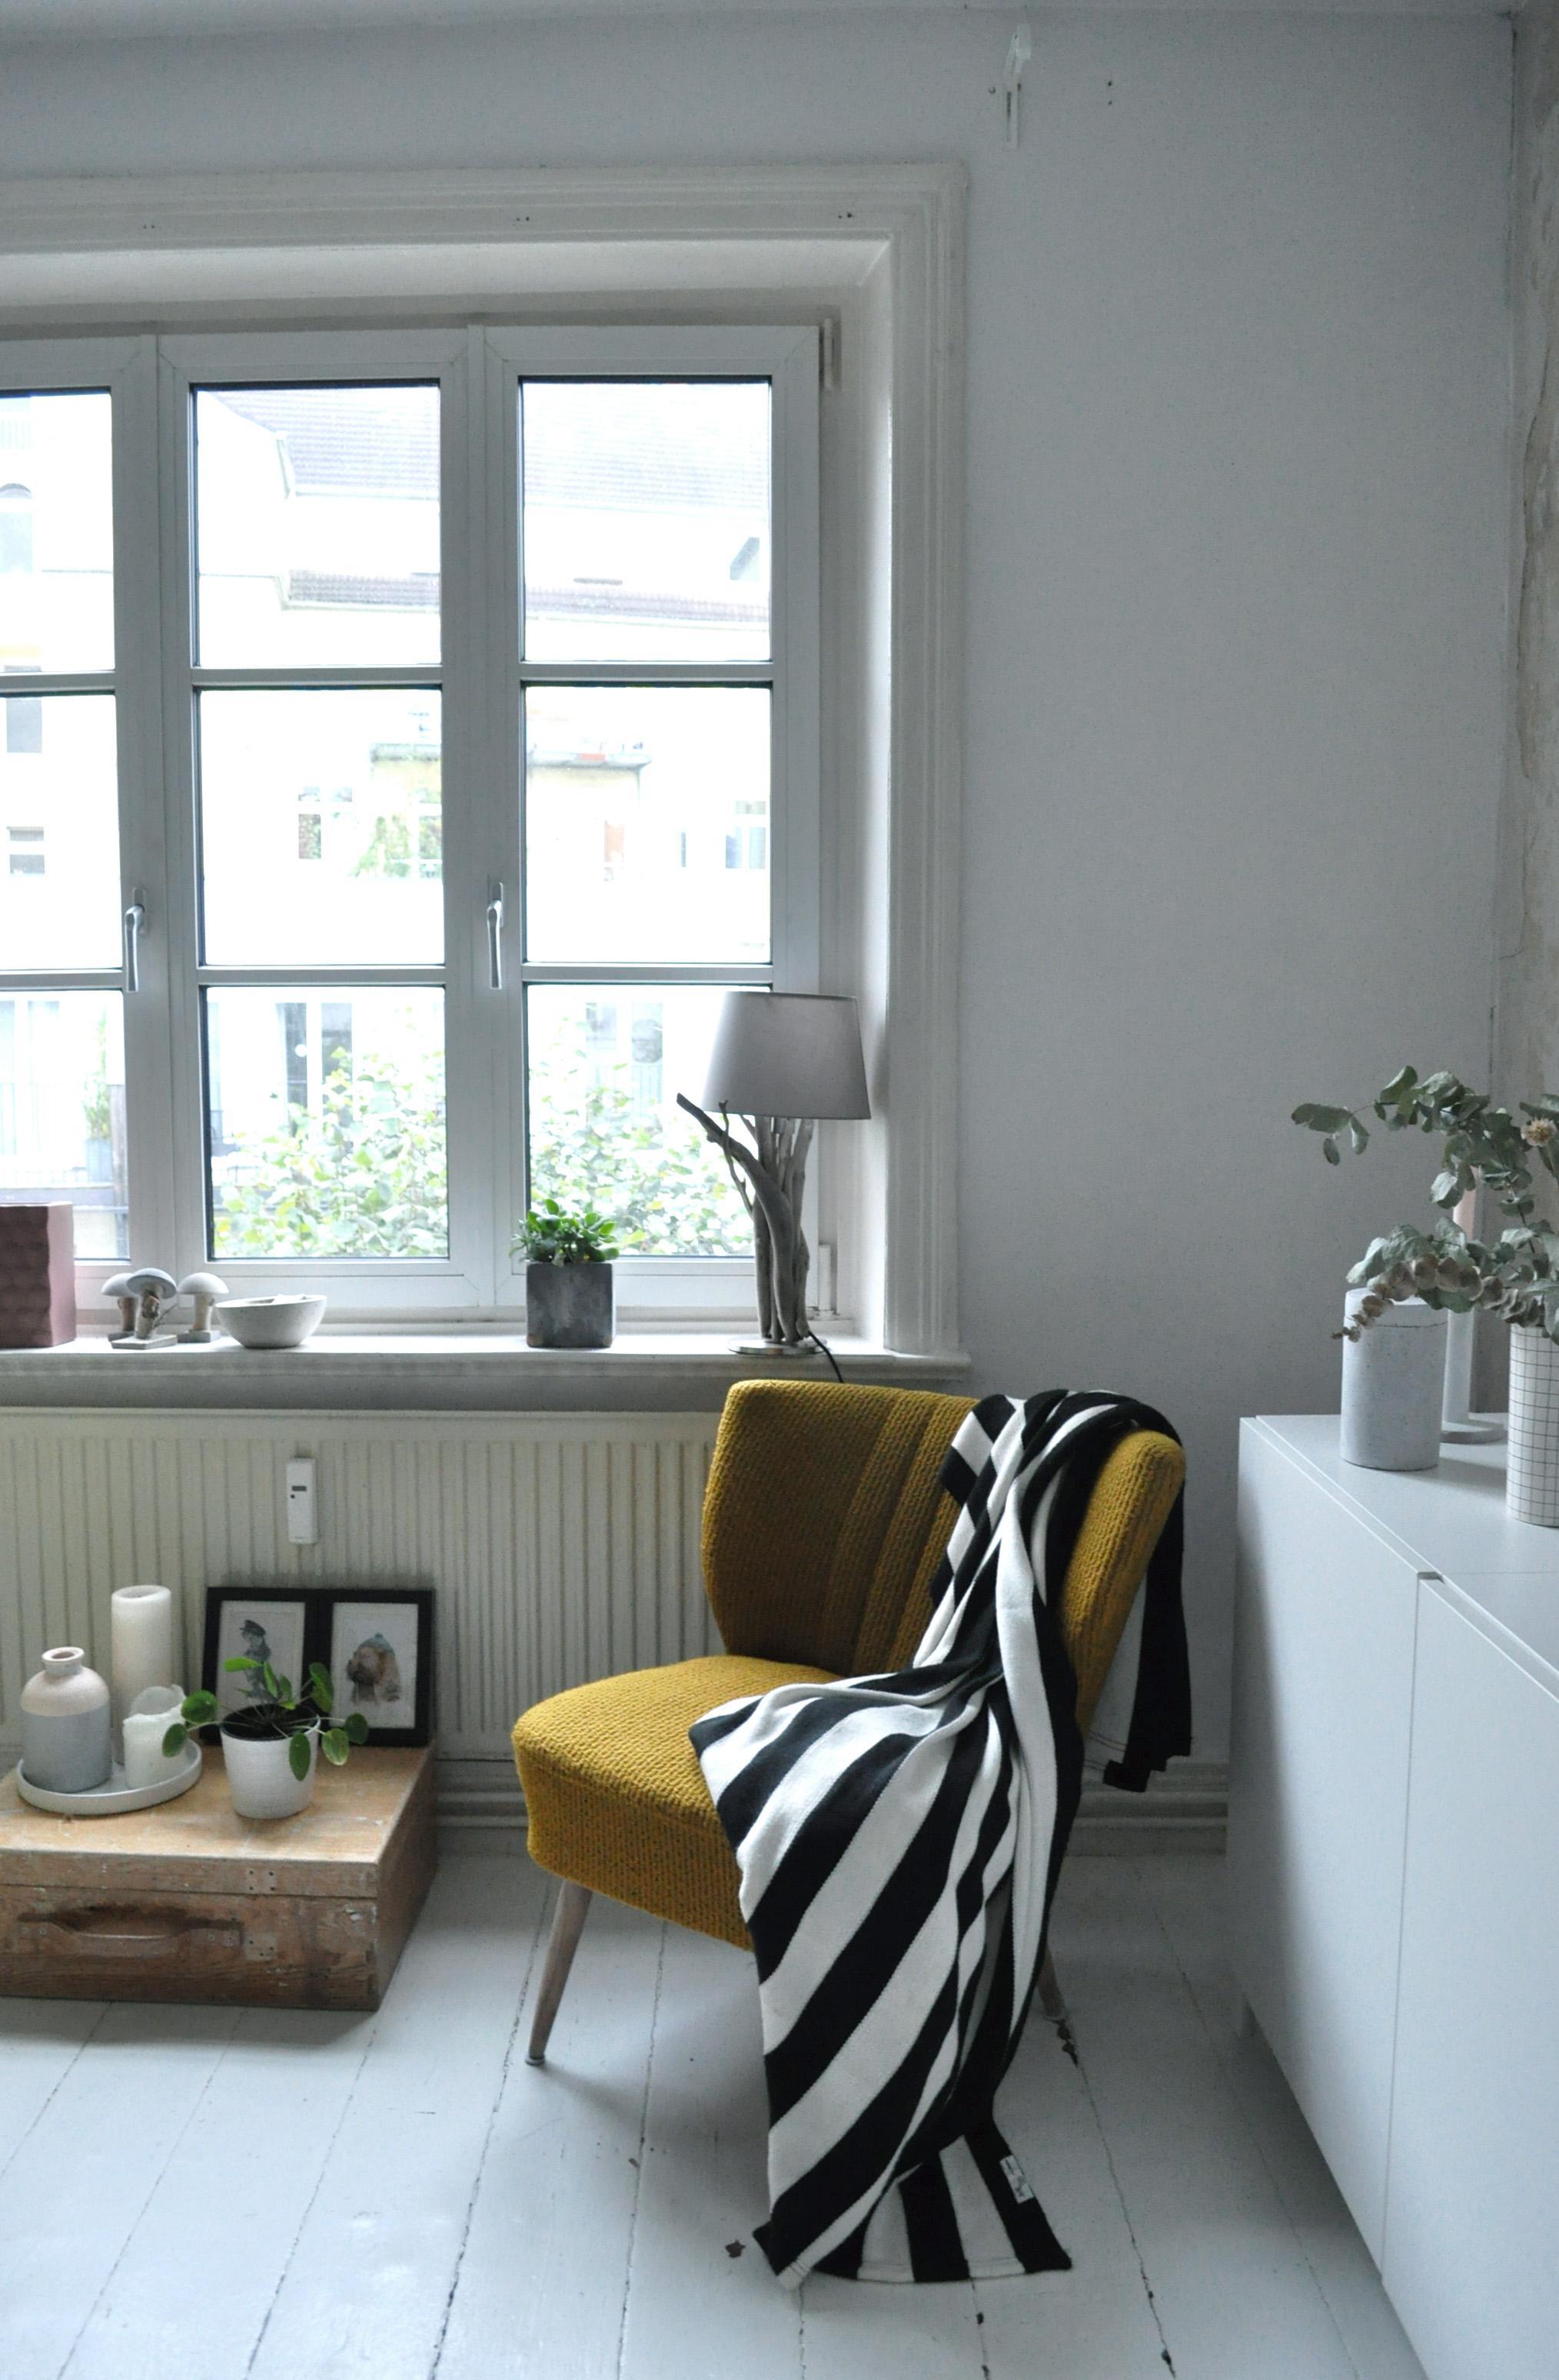 Die Schönsten Wohnideen Mit Sesseln Gibts Hier